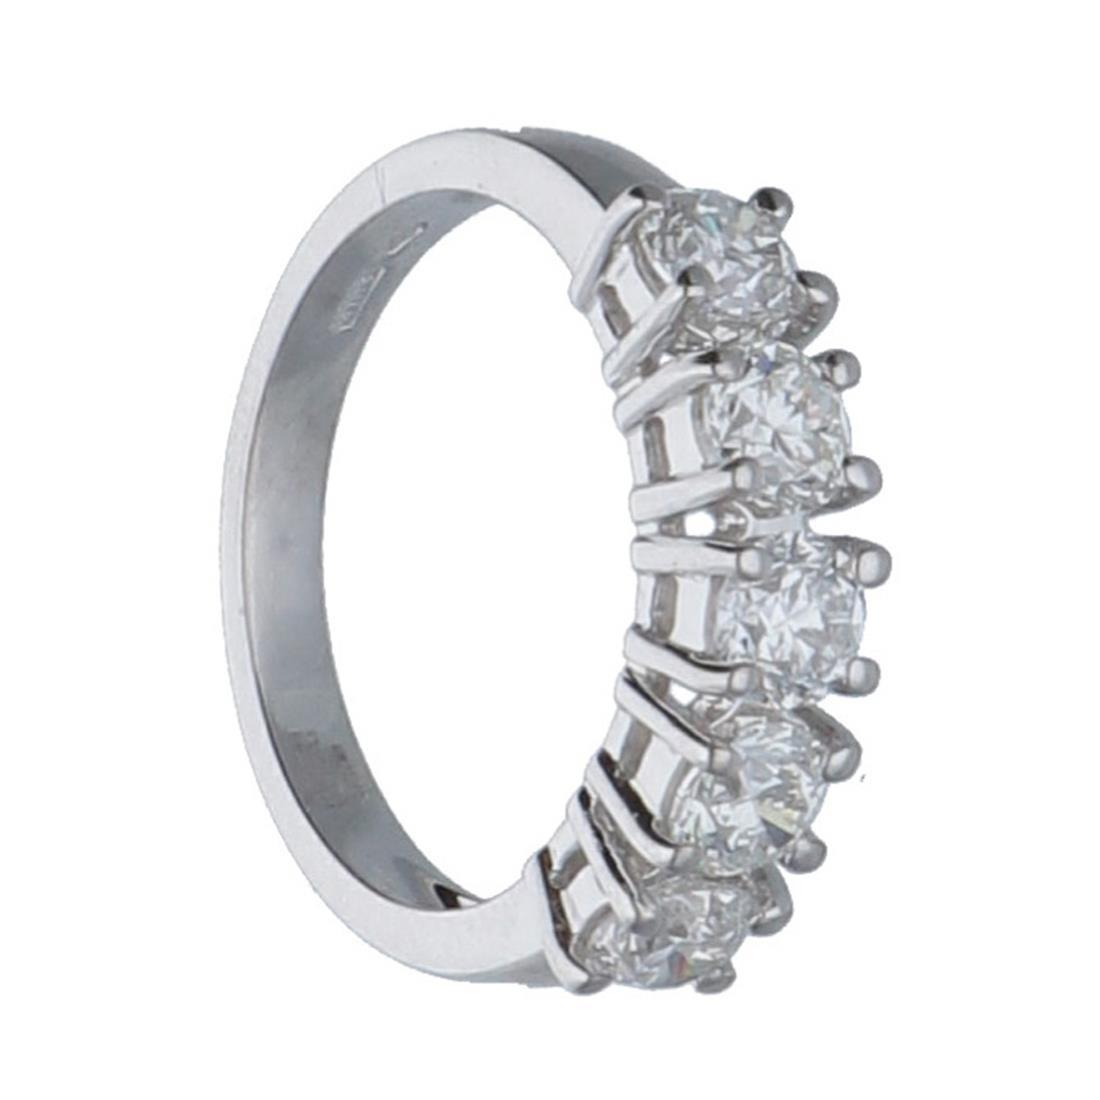 Anello riviére 5 pietre in oro bianco con diamanti mis 13 - ALFIERI & ST.JOHN